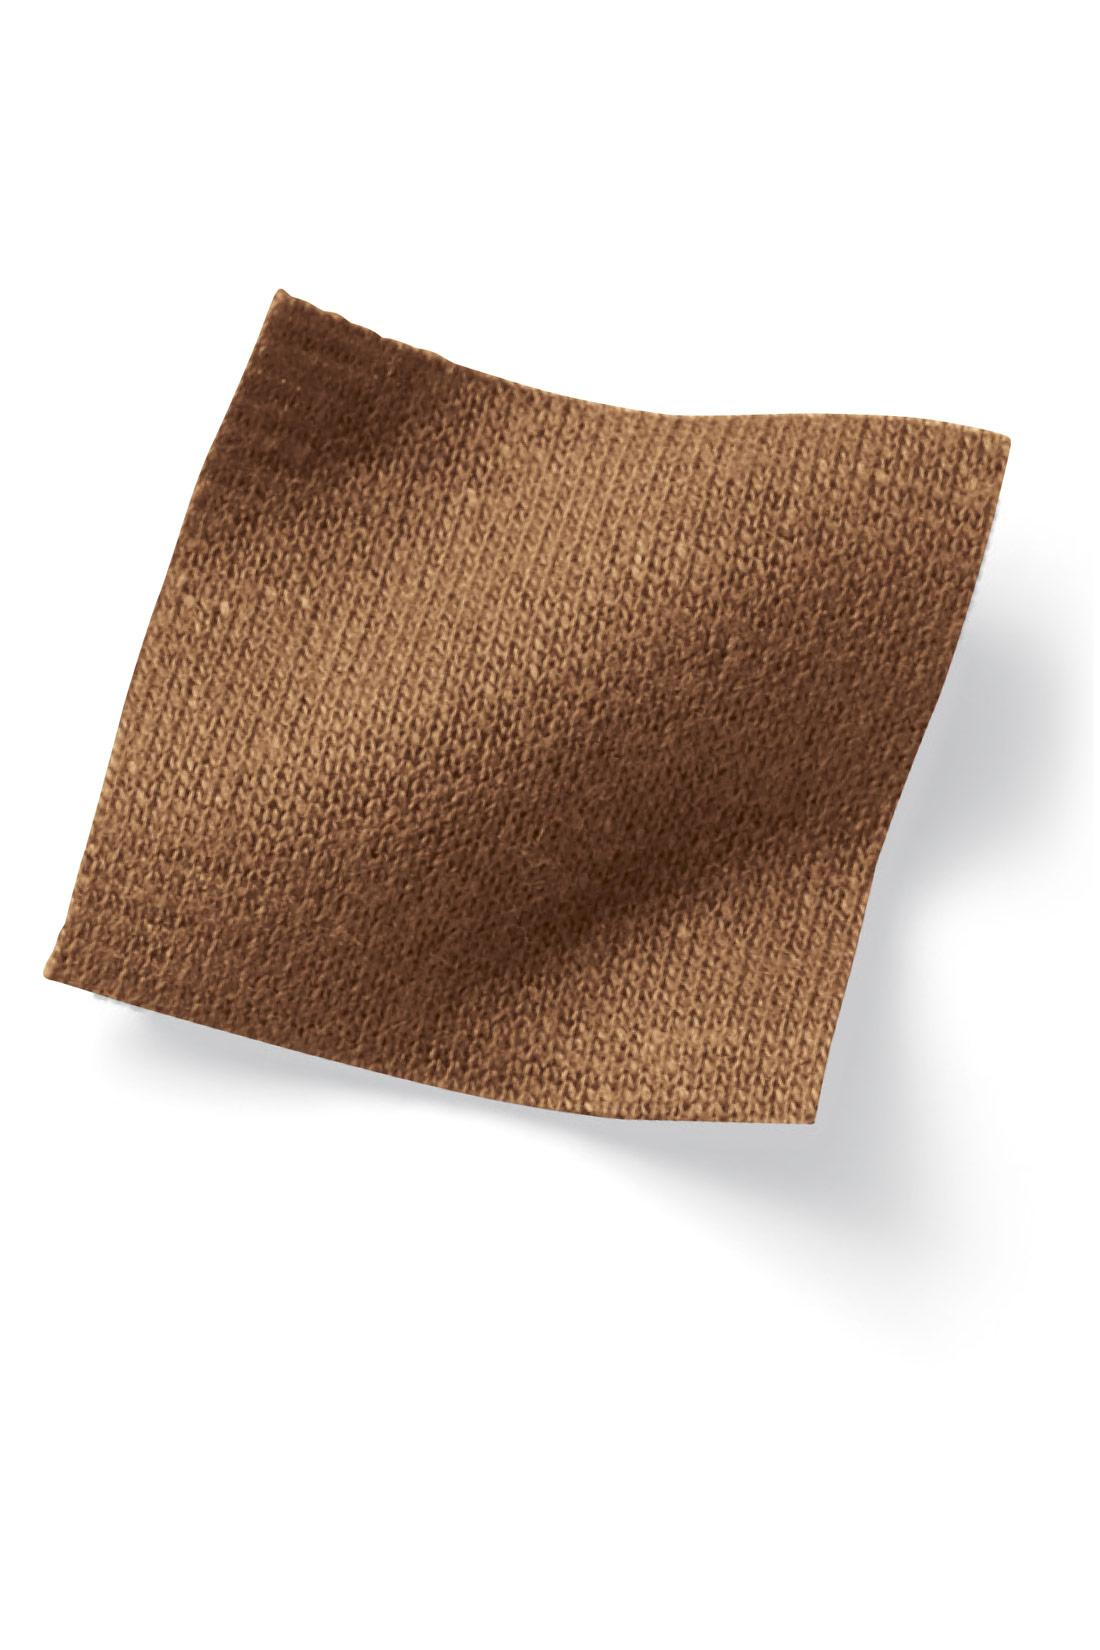 コーデの幅が広がるバリエ豊かな素材がラインナップ。